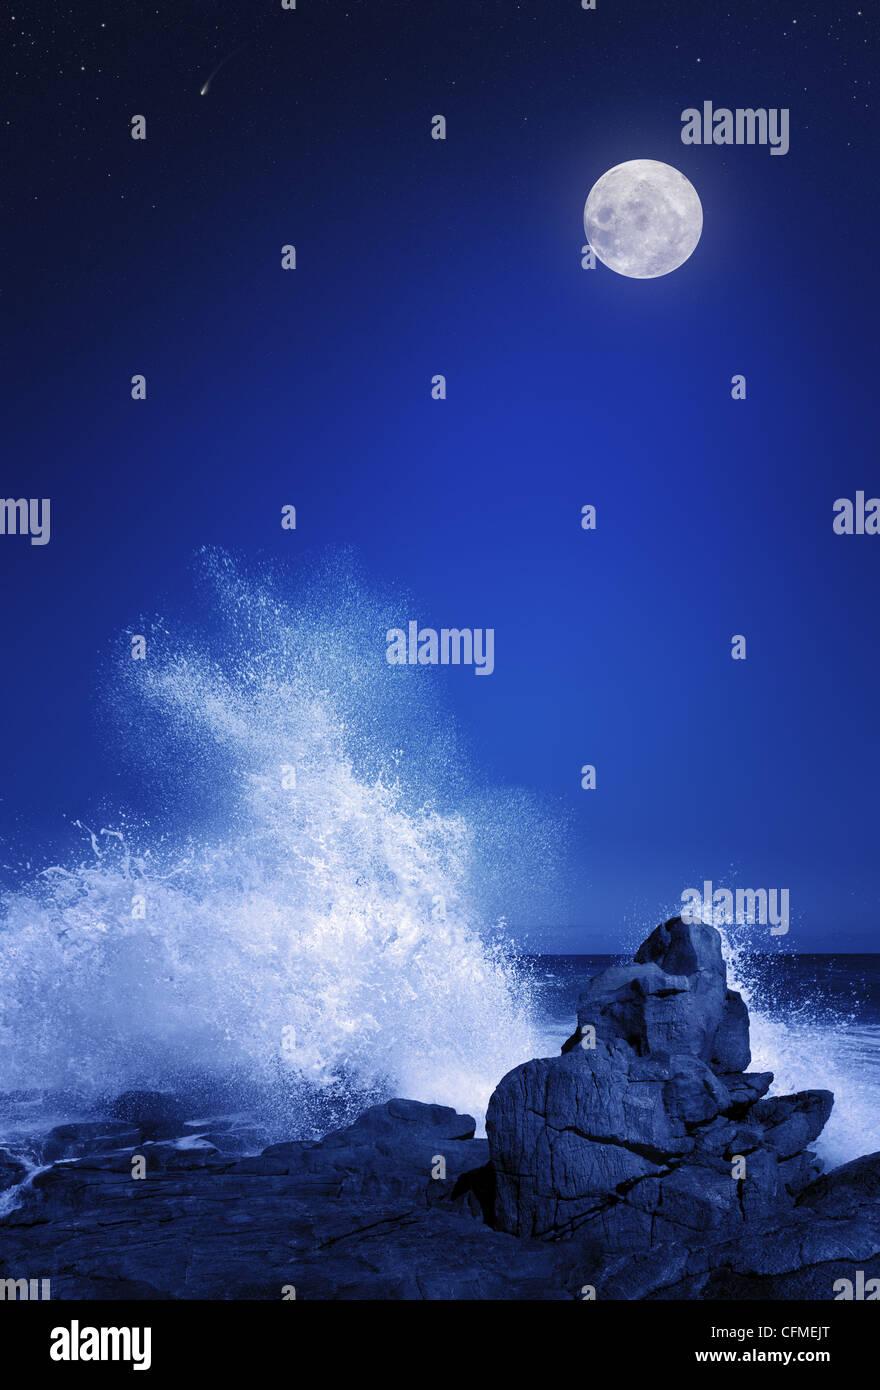 Lever de lune sur la côte rocheuse (éléments de cette image fournie par la NASA: moonmap http://visibleearth.nasa.gov) Photo Stock